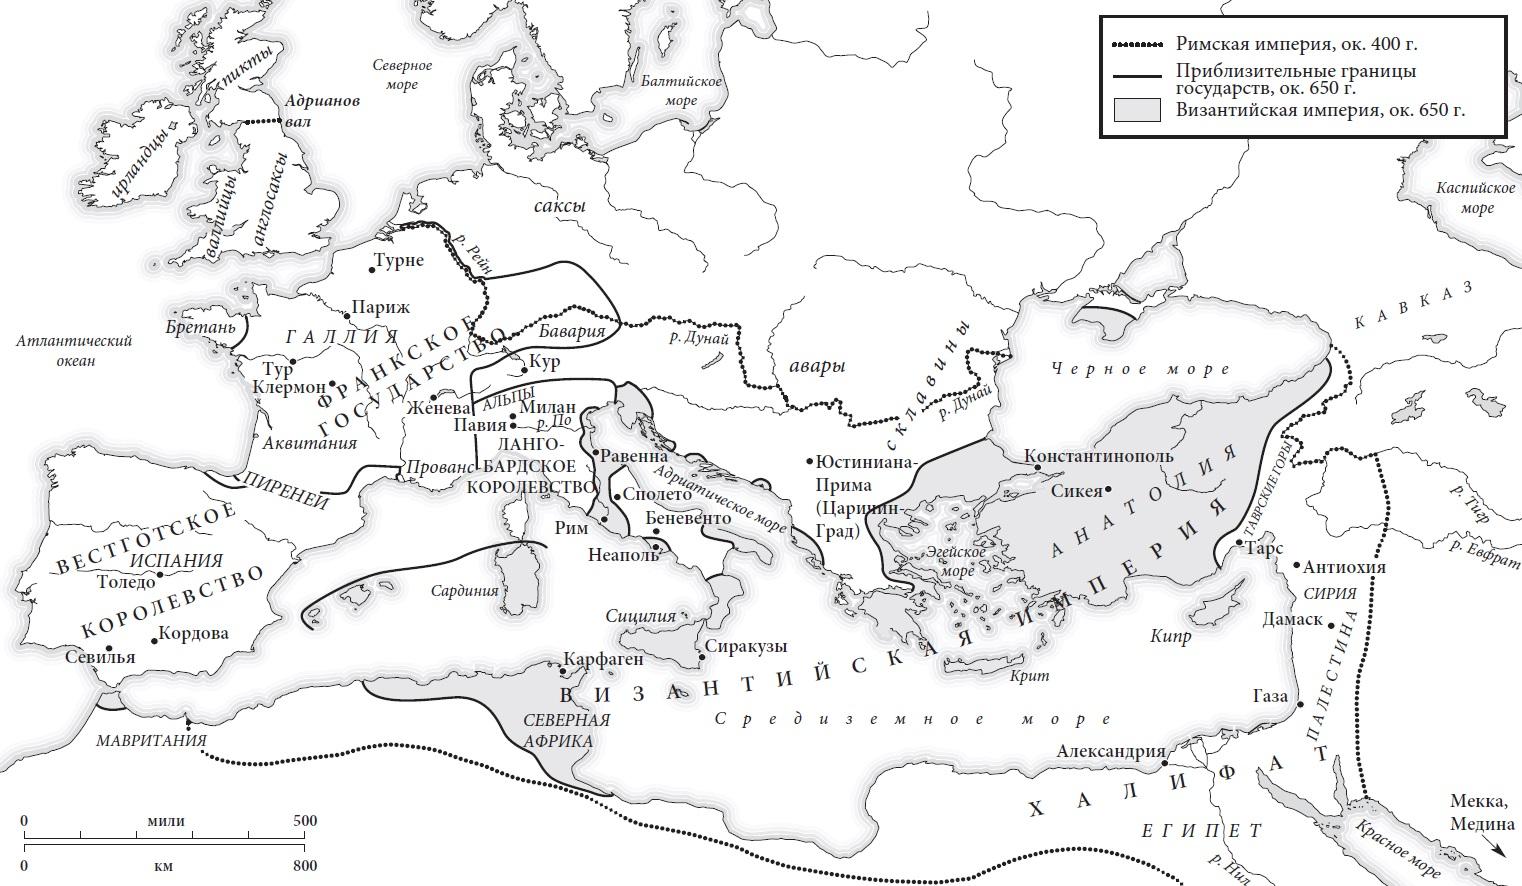 Ris. 1. Evropa v 550 g